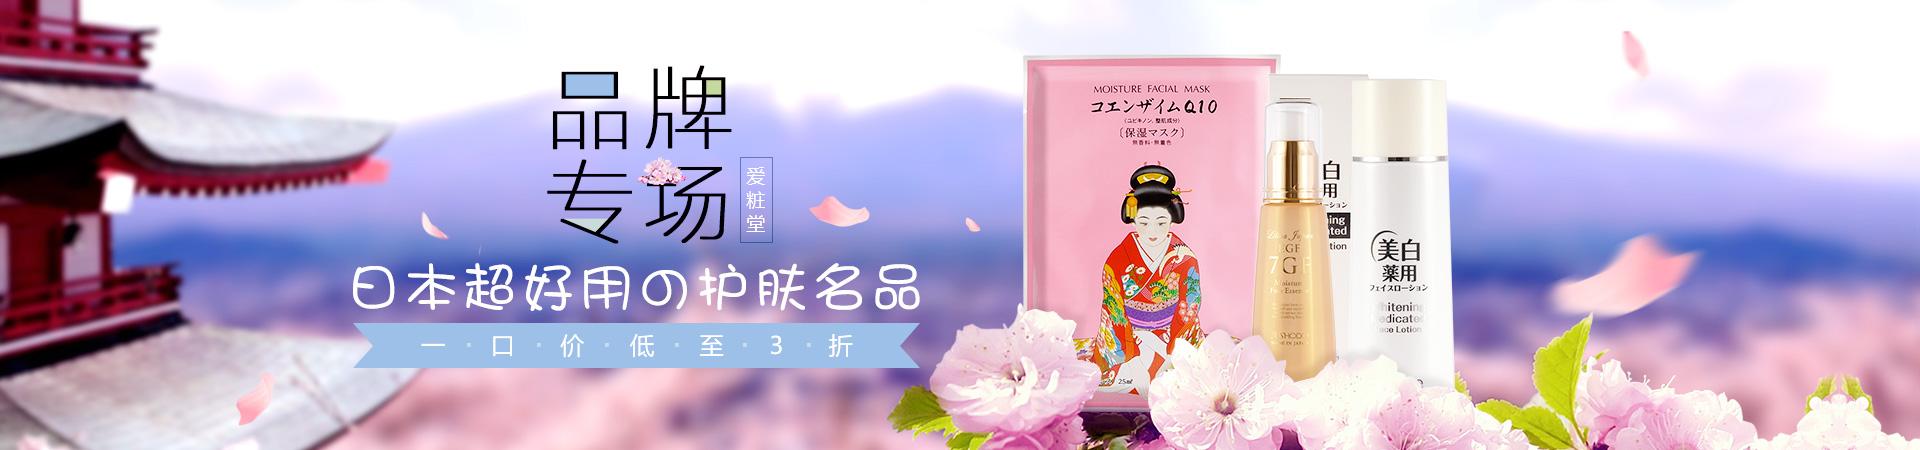 爱粧堂 日本超好用の护肤名品 一口价低至3折